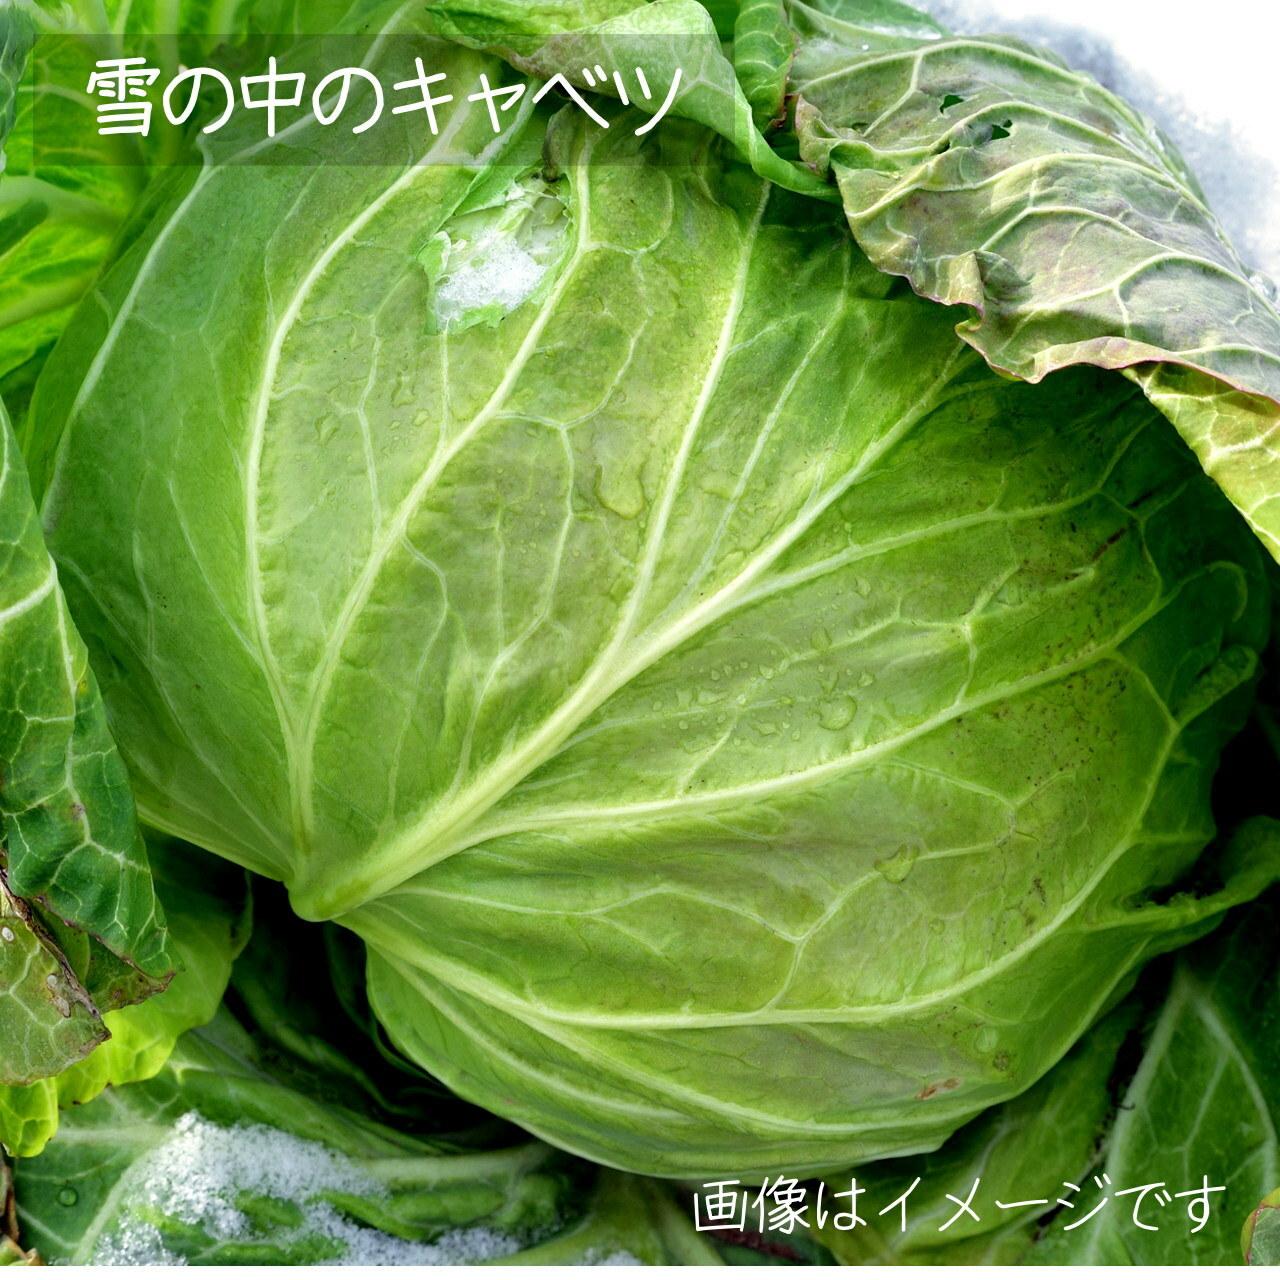 6月の朝採り直売野菜 : キャベツ 1個 春の新鮮野菜 6月6日発送予定